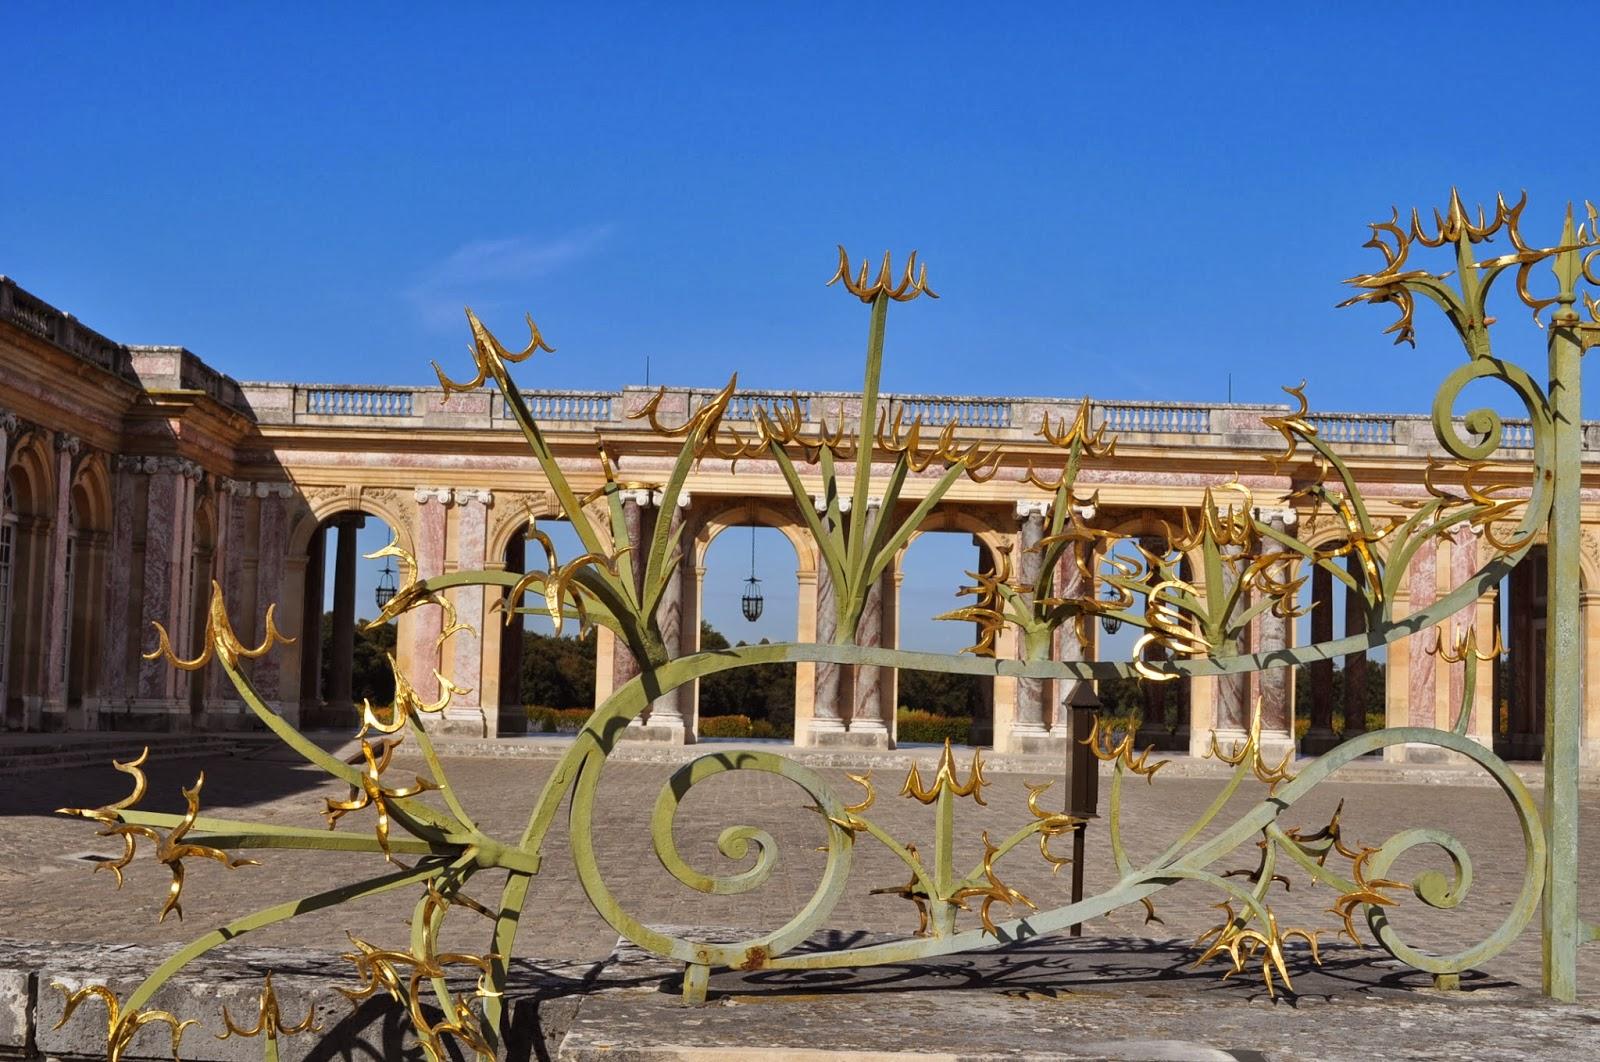 """Скитайки се в просторния парк ,стигаме пред портите на """"малкия"""" дворец Le Petit Trianon, където Мария Антоанета настоявала тя и висшочайшето й семейство да живеят по правилата на природосъобразния начин на живот. Аз съм """"за""""!"""